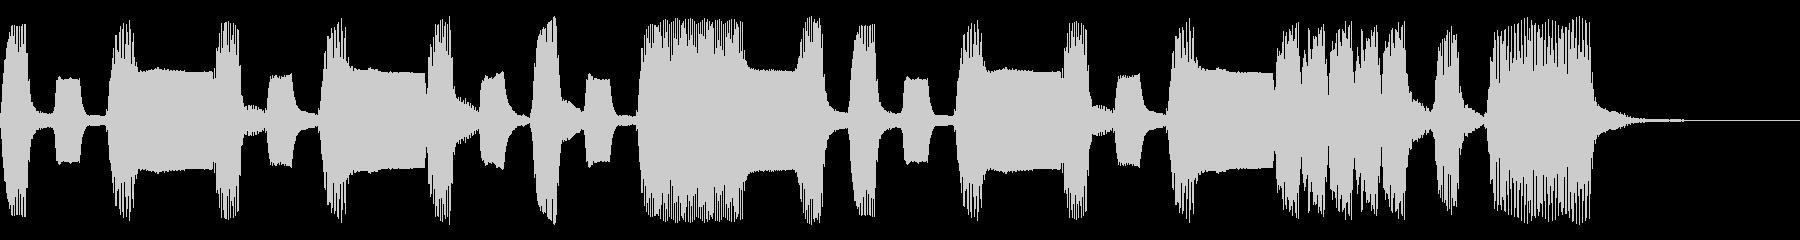 うきうき気分なリコーダージングルの未再生の波形